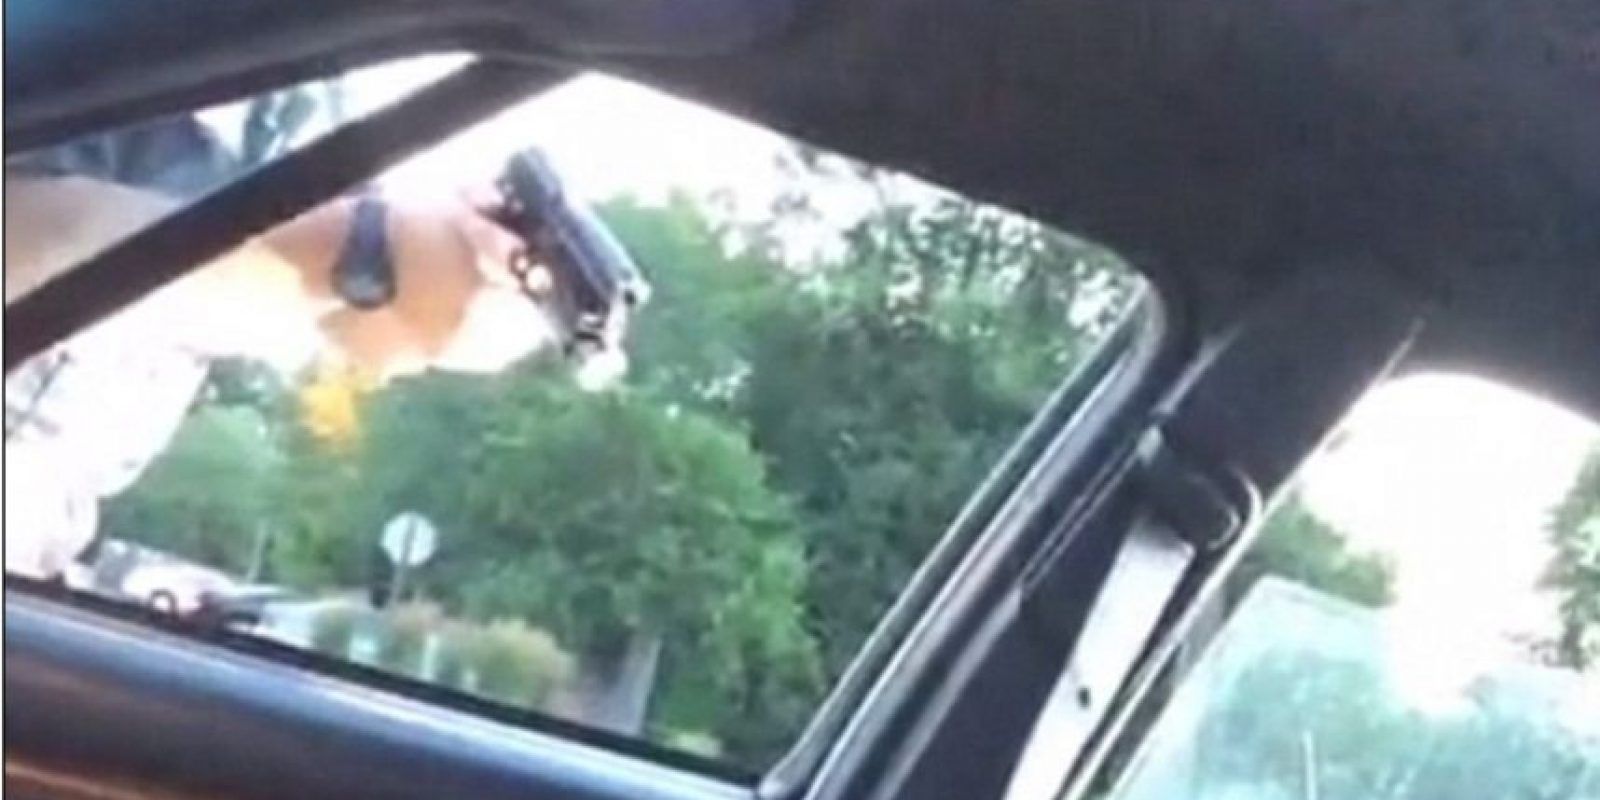 El oficial continuaba apuntando su arma, a pesar de que el cuerpo estaba inmóvil y lleno de sangre Foto:Facebook: Lavish Reynolds